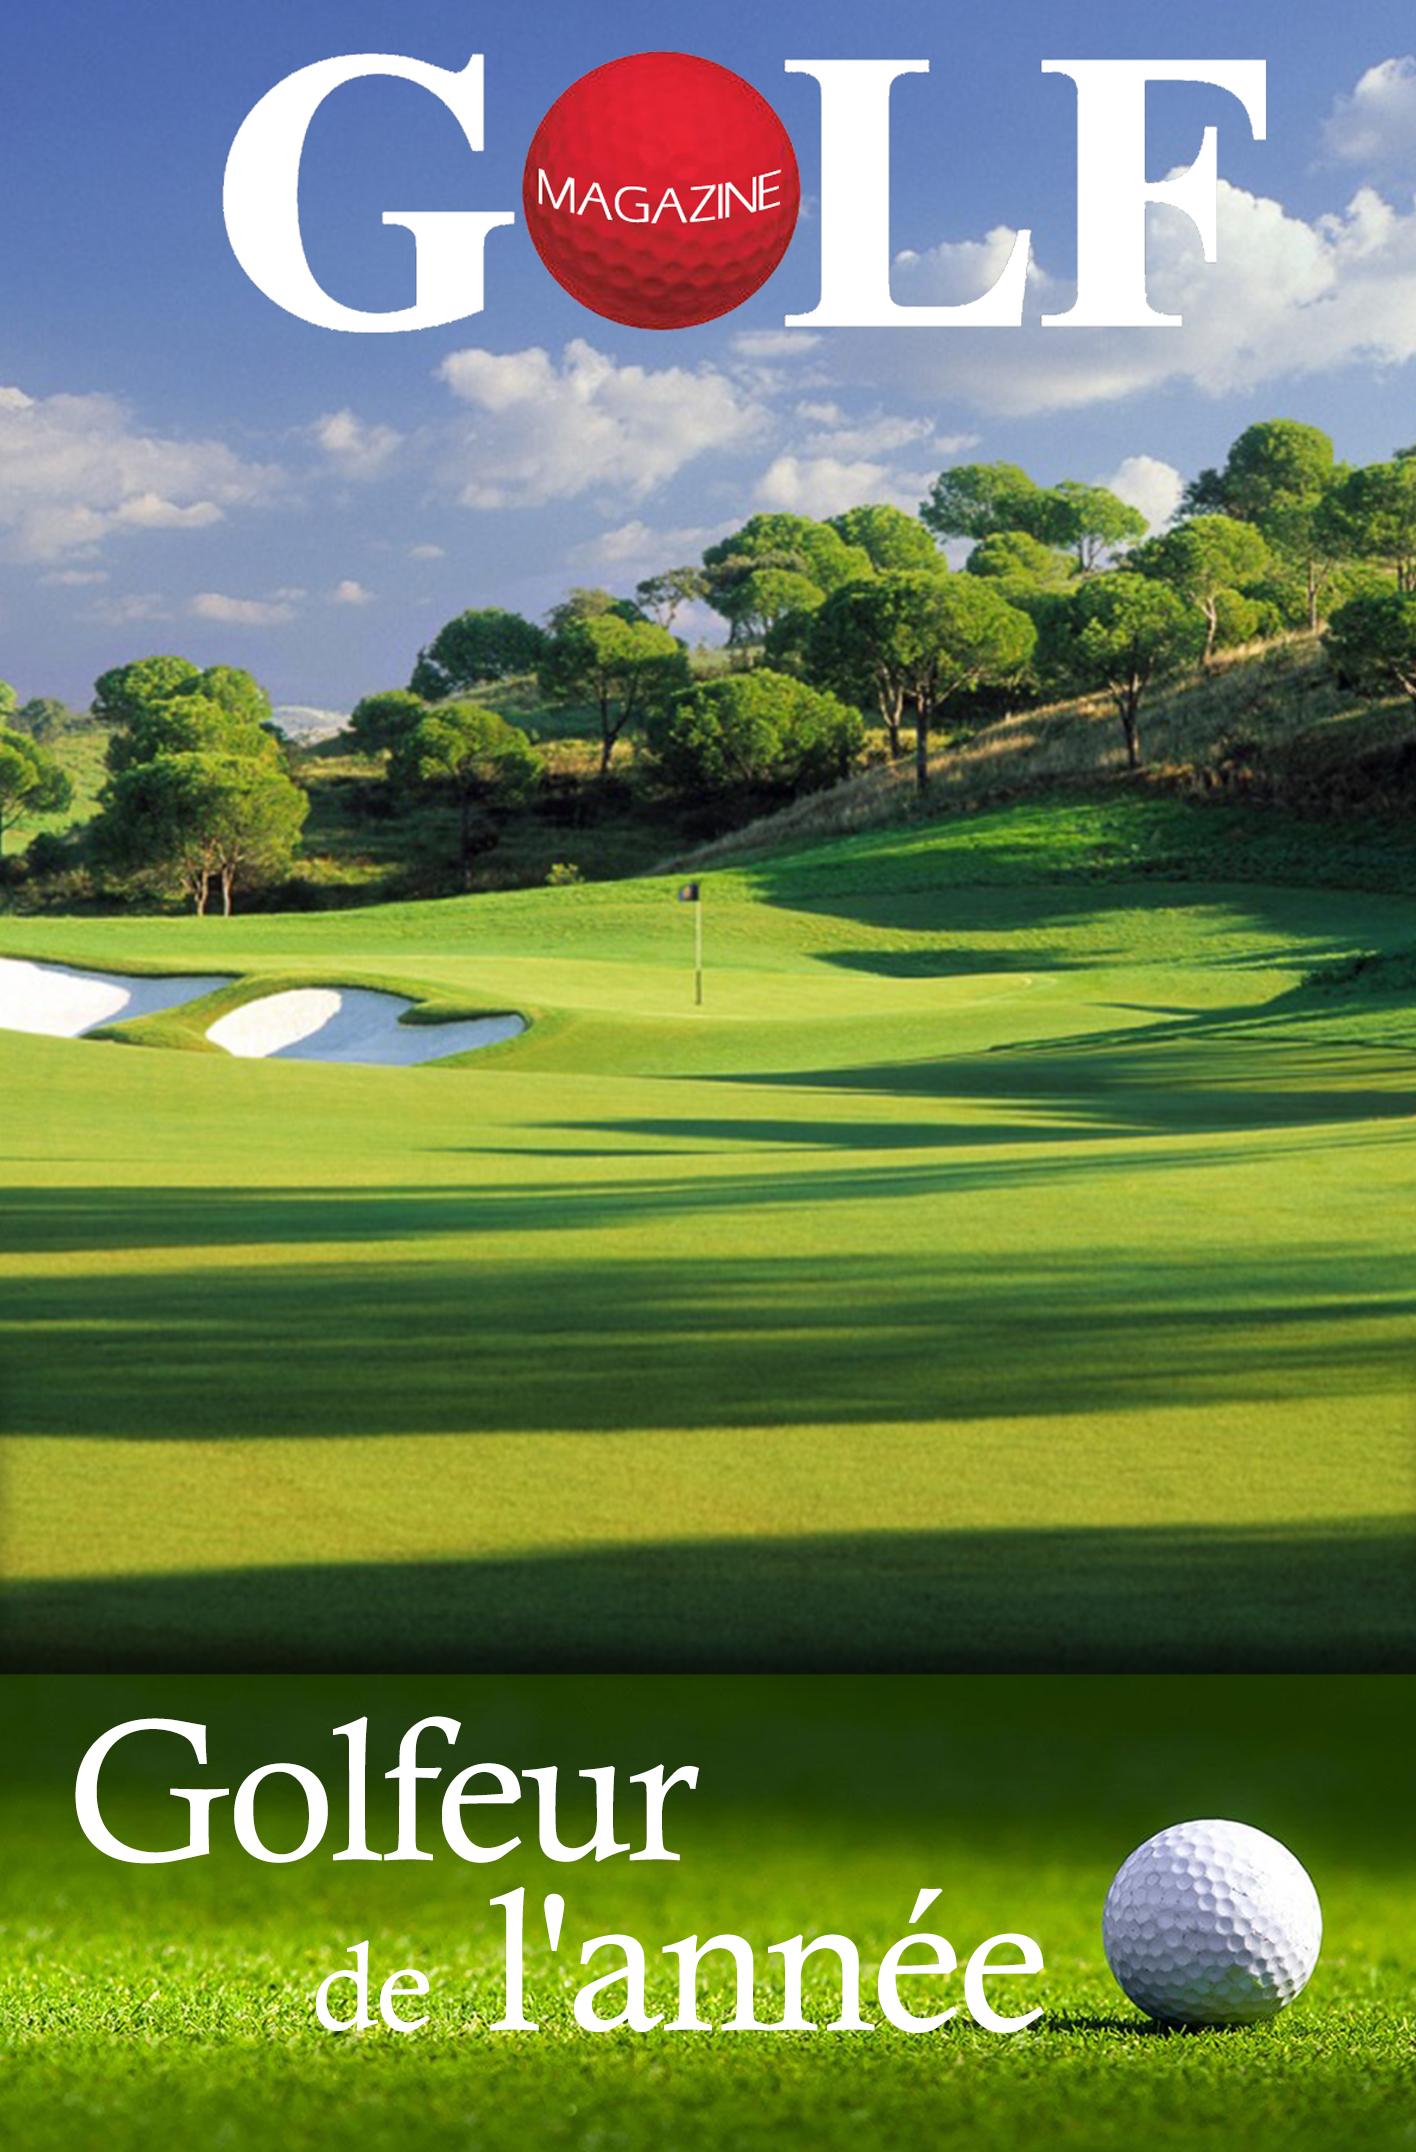 Magazine - Golfeur de l'annee